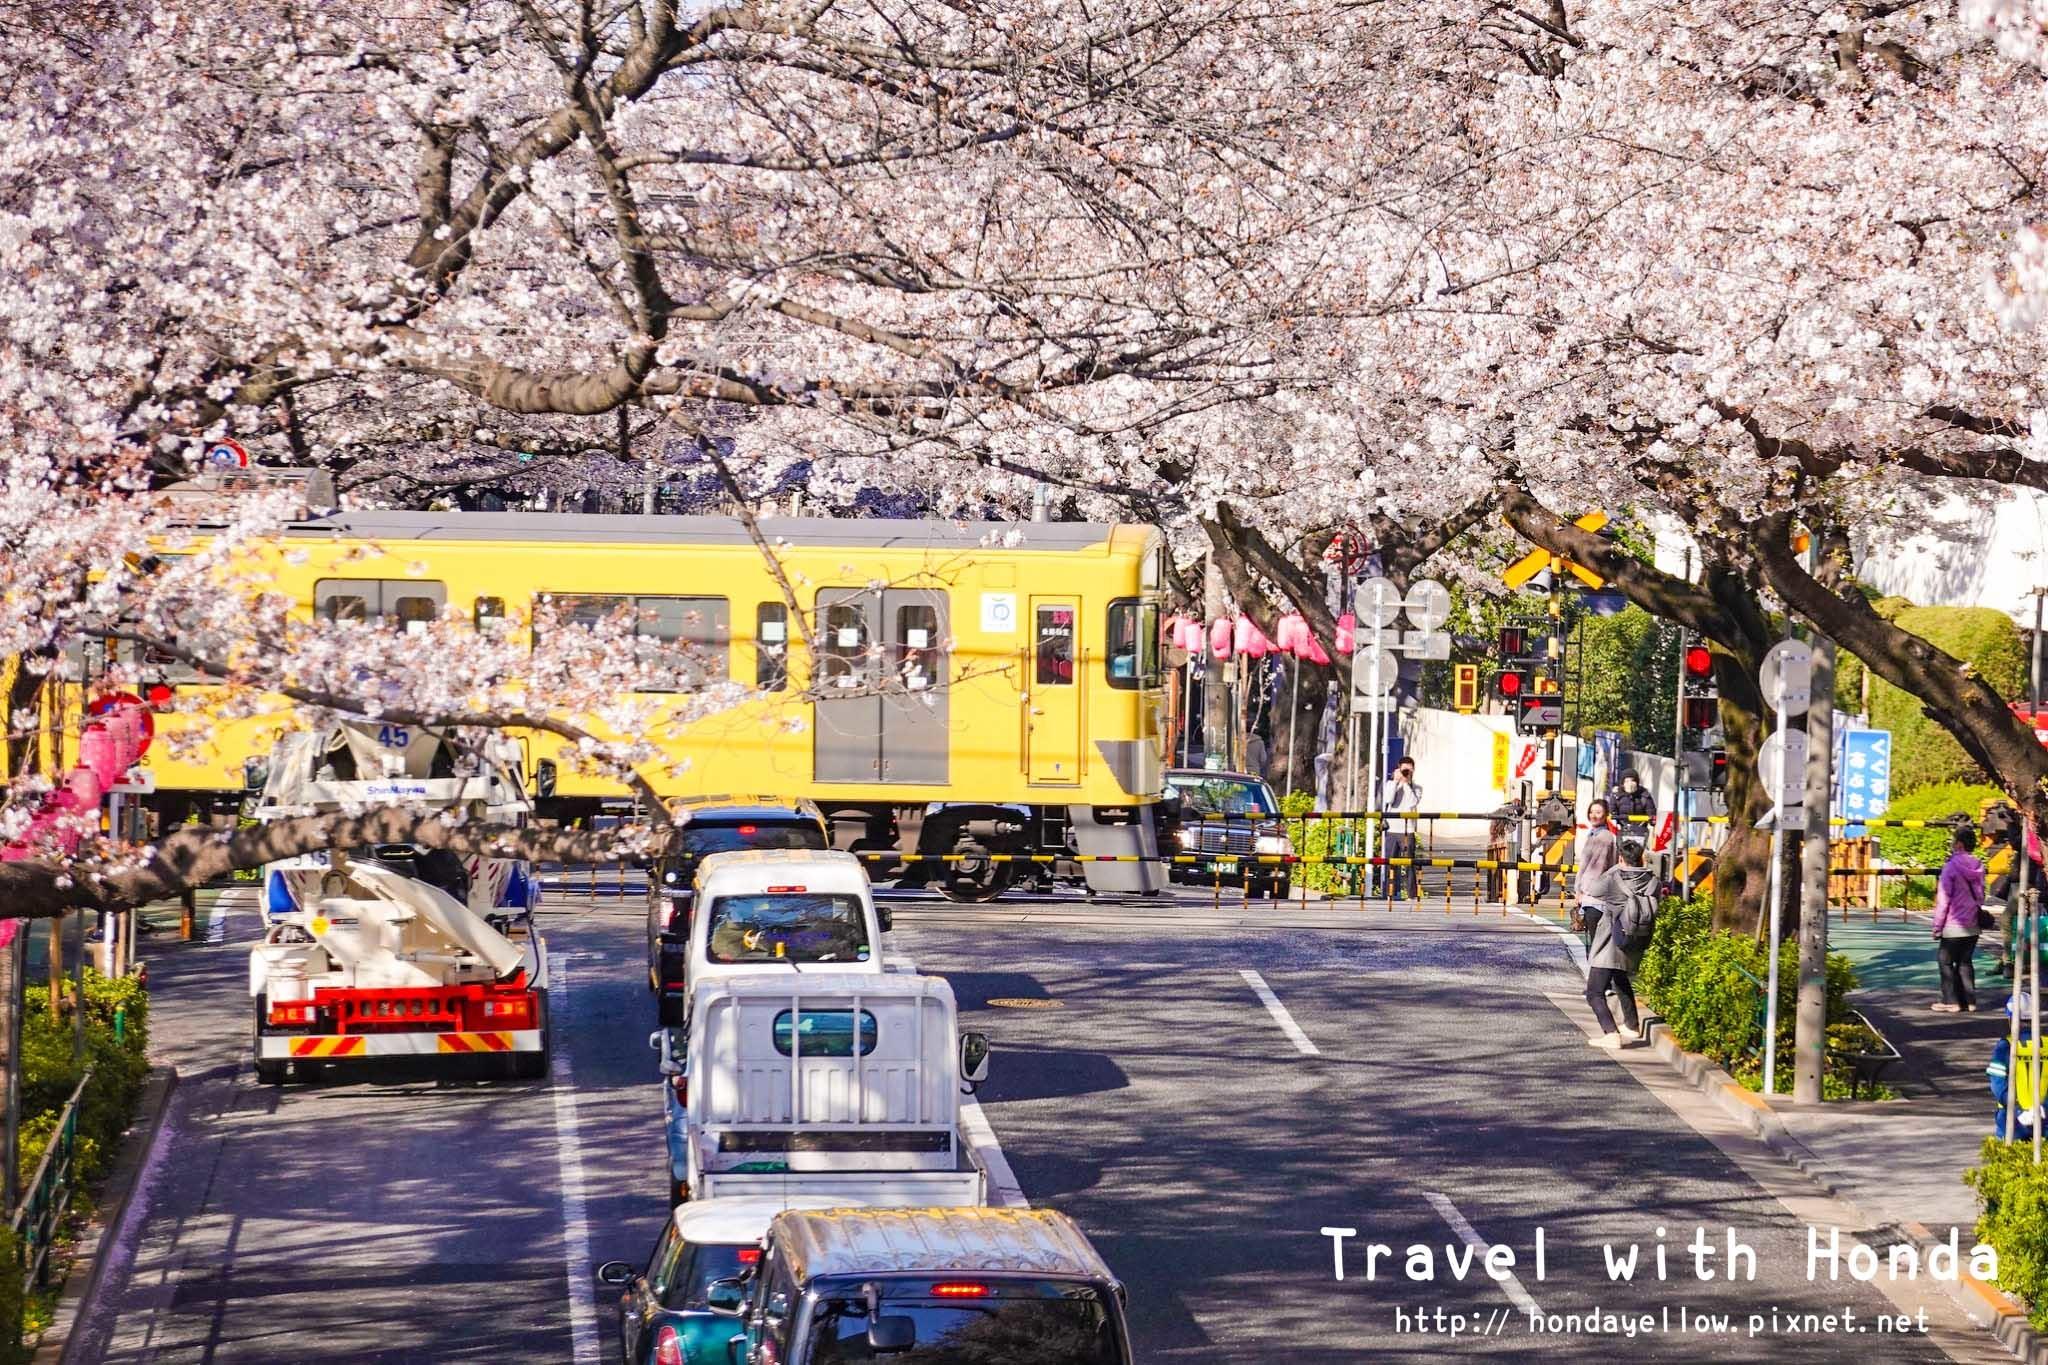 日本-你絕對會愛上的12個東京賞櫻景點-中野.jpg